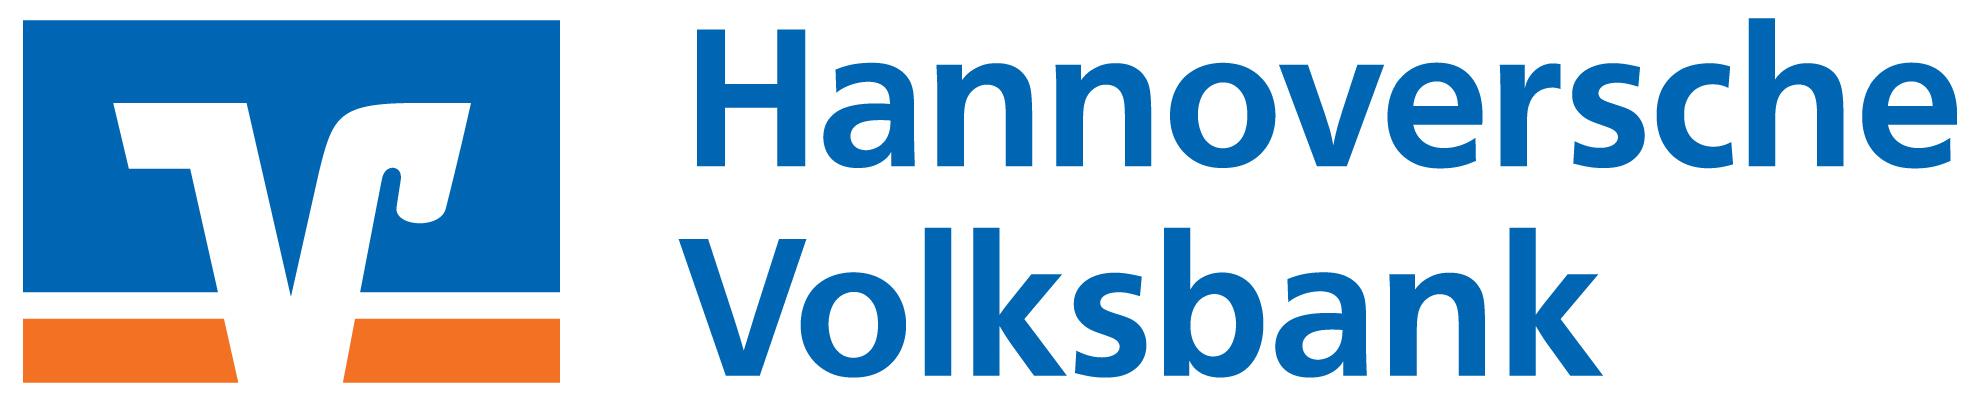 Hannoversche Volksbank eG Geldautomat Hannover (Kaufland)